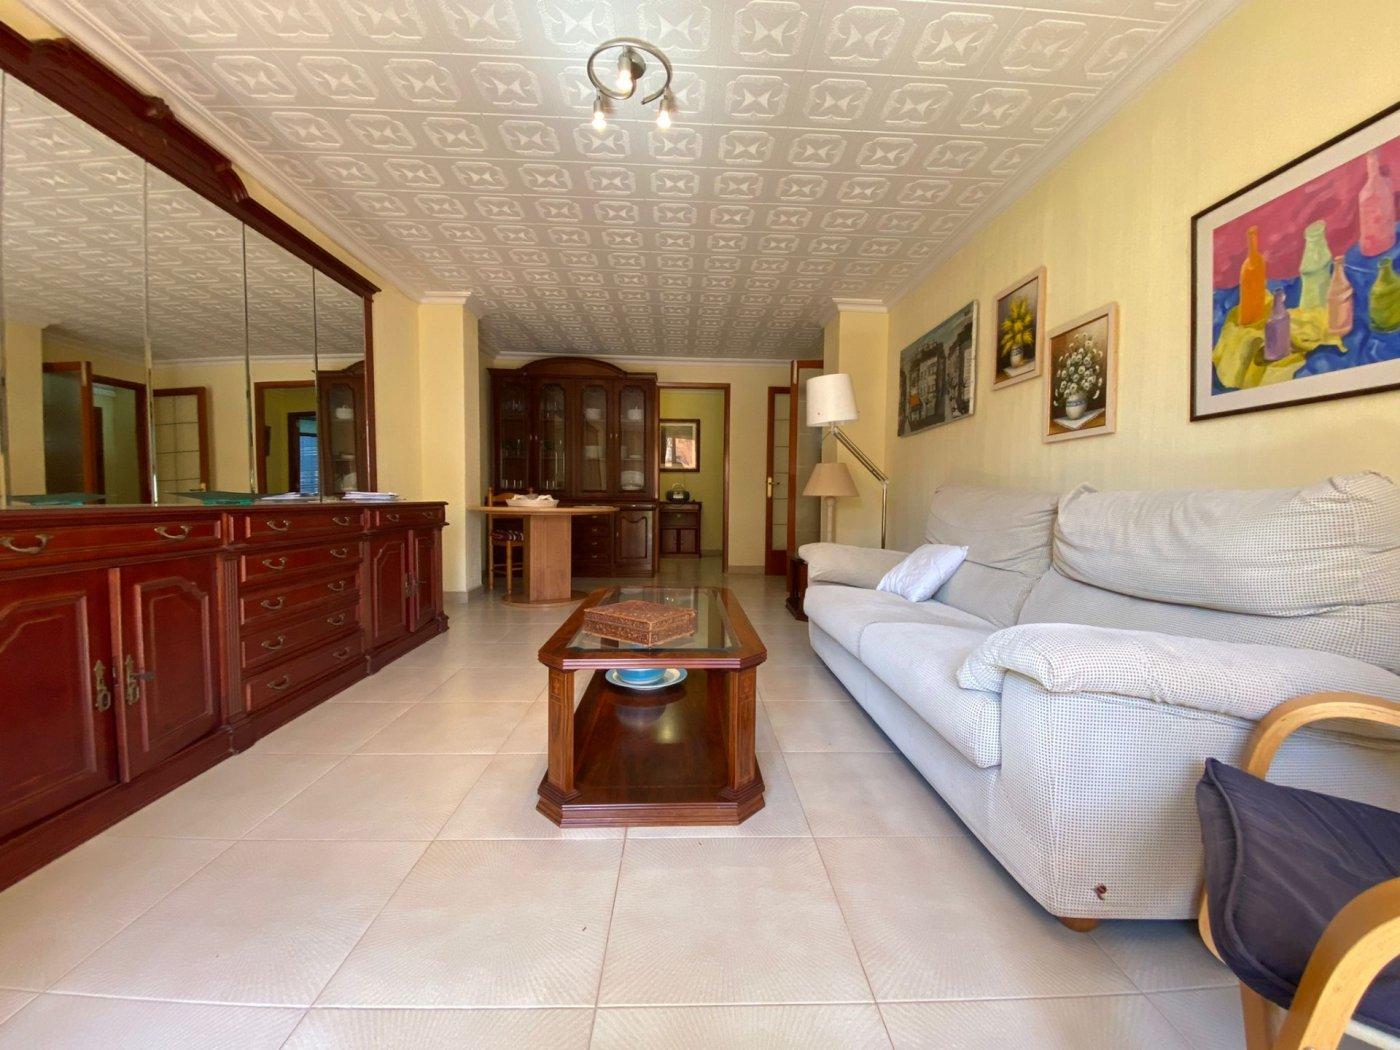 Señorial piso en palma, posibilidad alquiler con opción a compra - imagenInmueble16